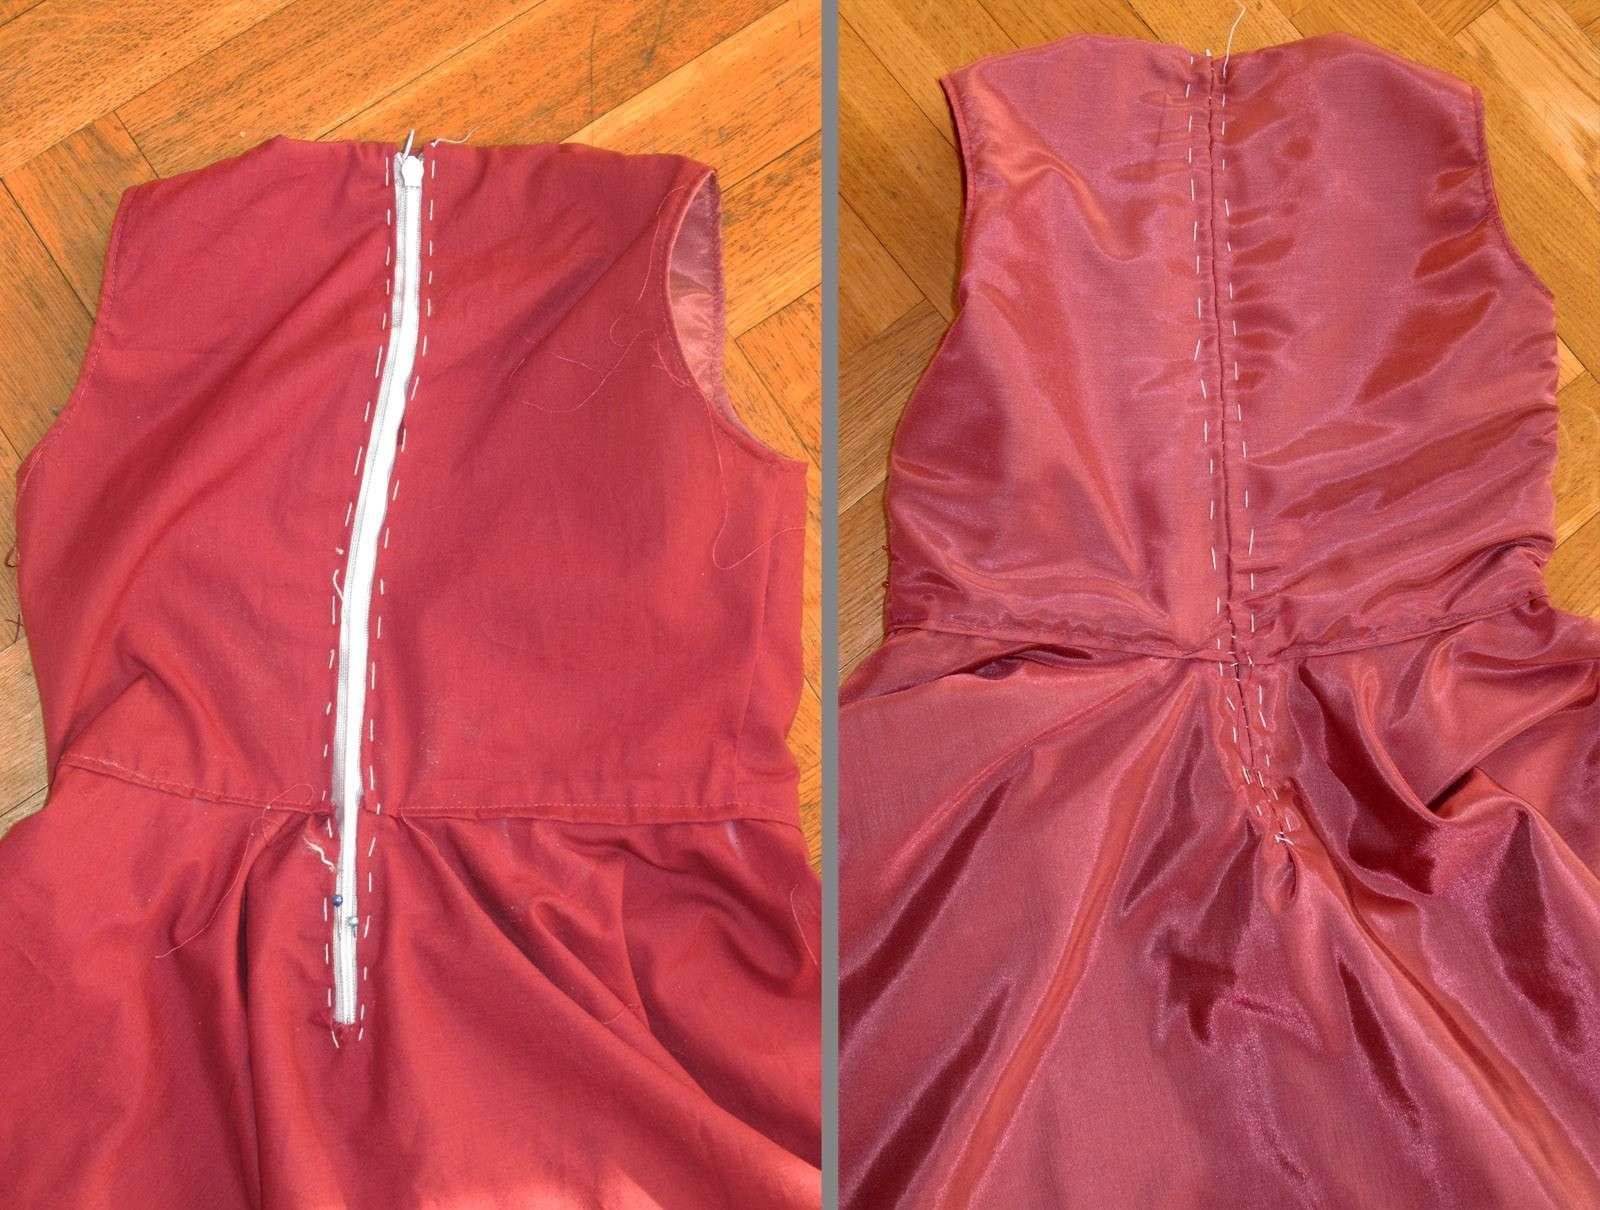 comment coudre la doublure d 39 une robe. Black Bedroom Furniture Sets. Home Design Ideas